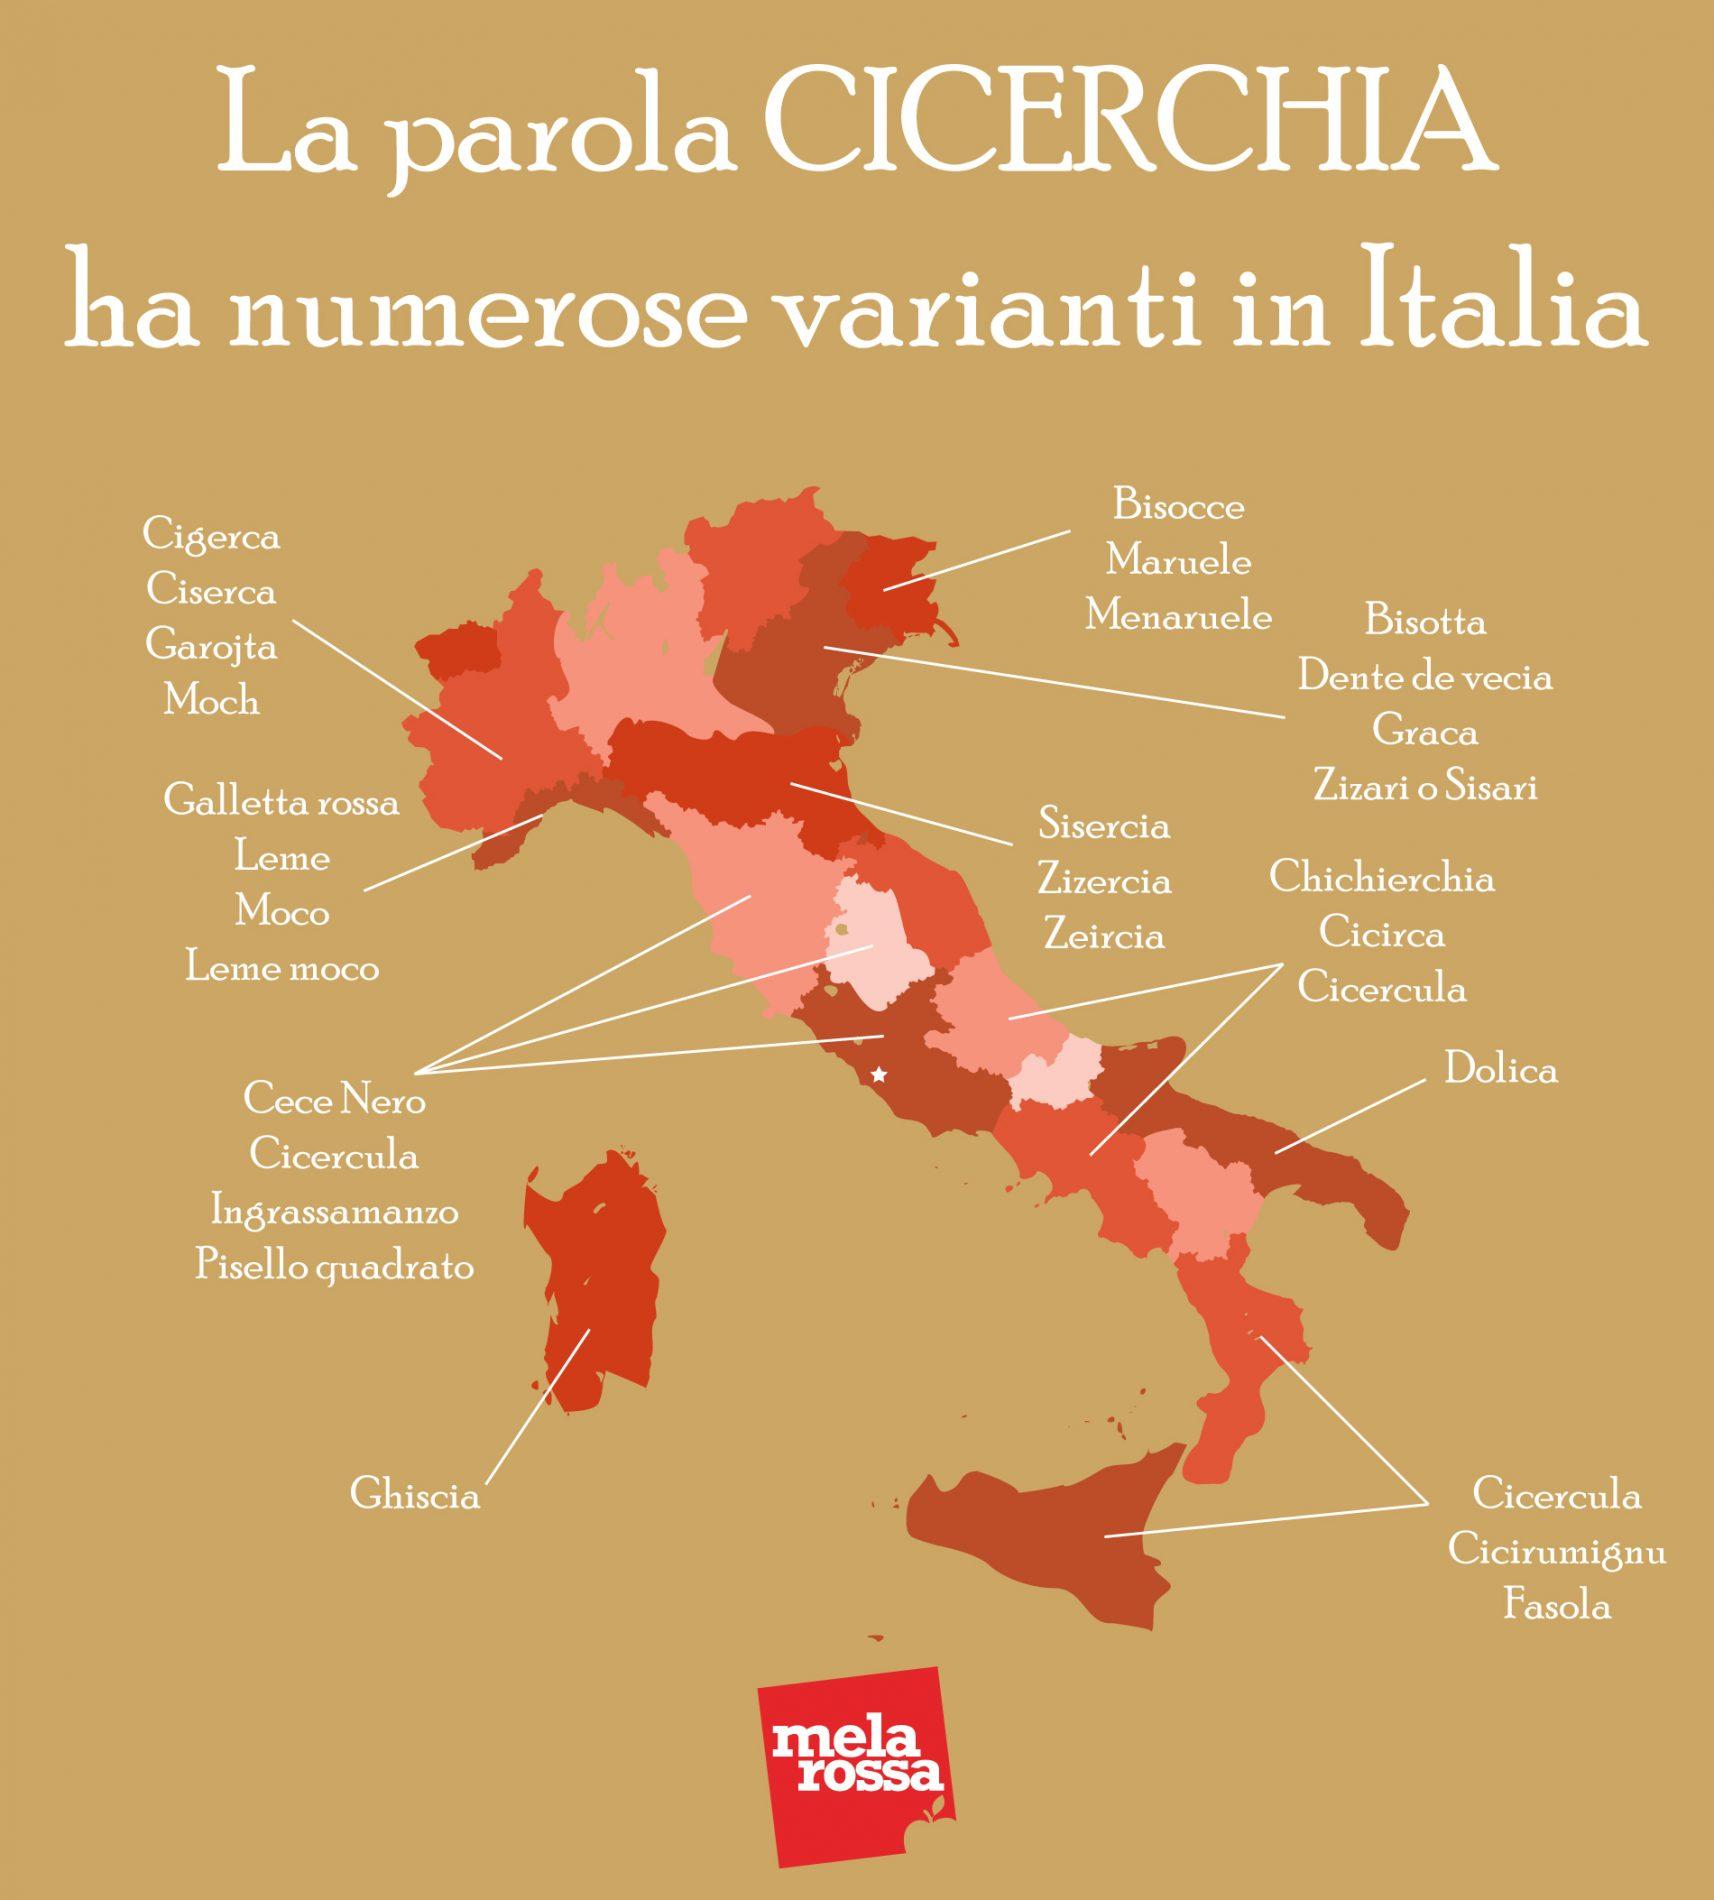 Como llaman a la cicerchia en Italia